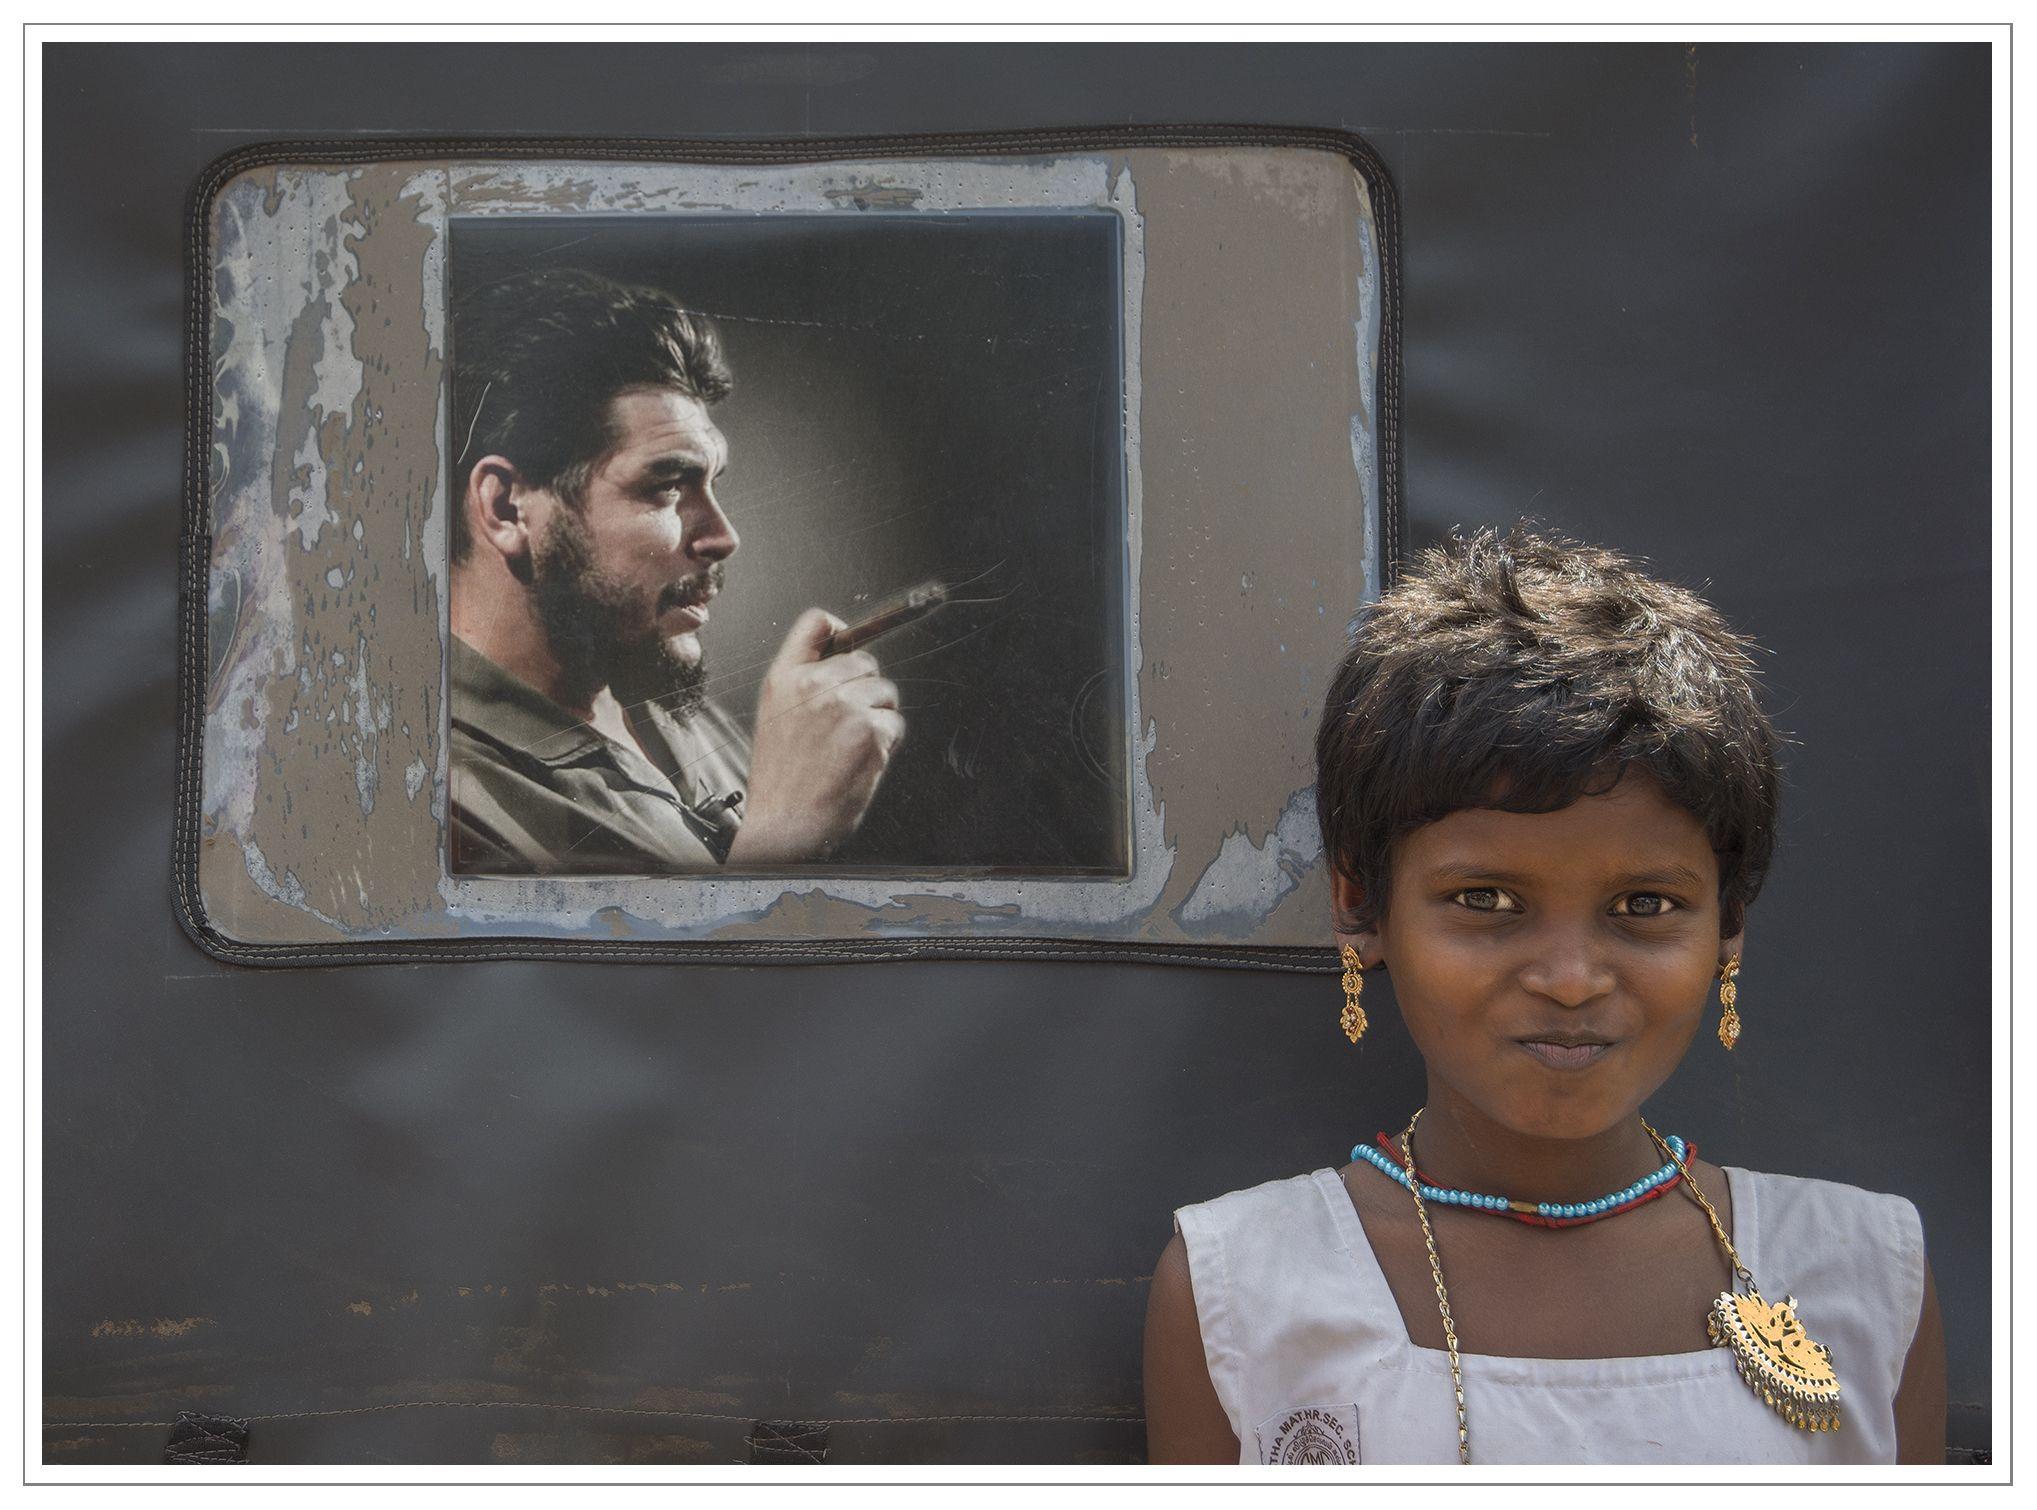 Che and the Girl - Kumbakonam, Tamil Nadu